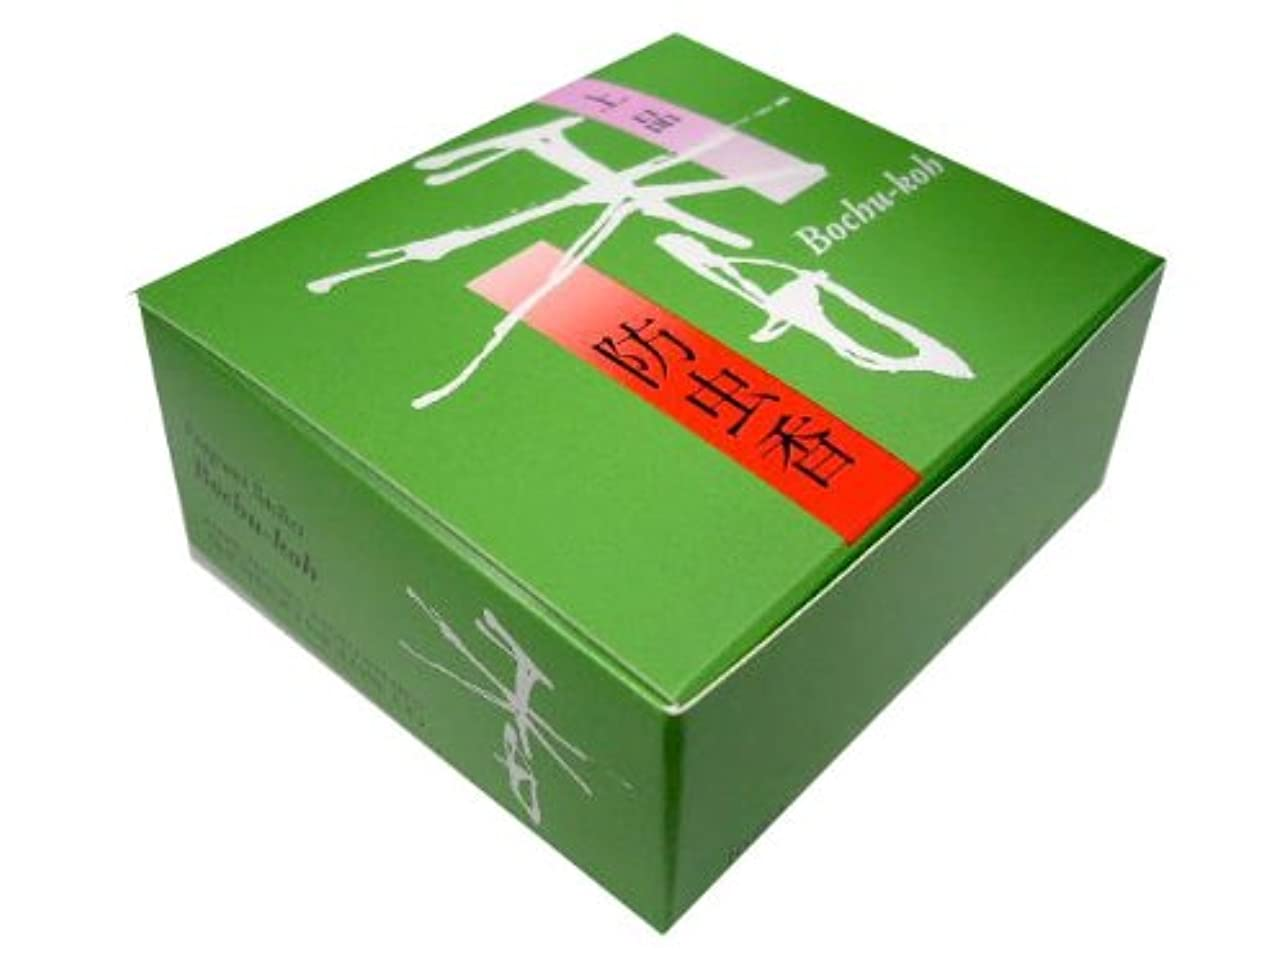 ファランクス支出外交官松栄堂の防虫香 上品 防虫香 10袋入 #520138